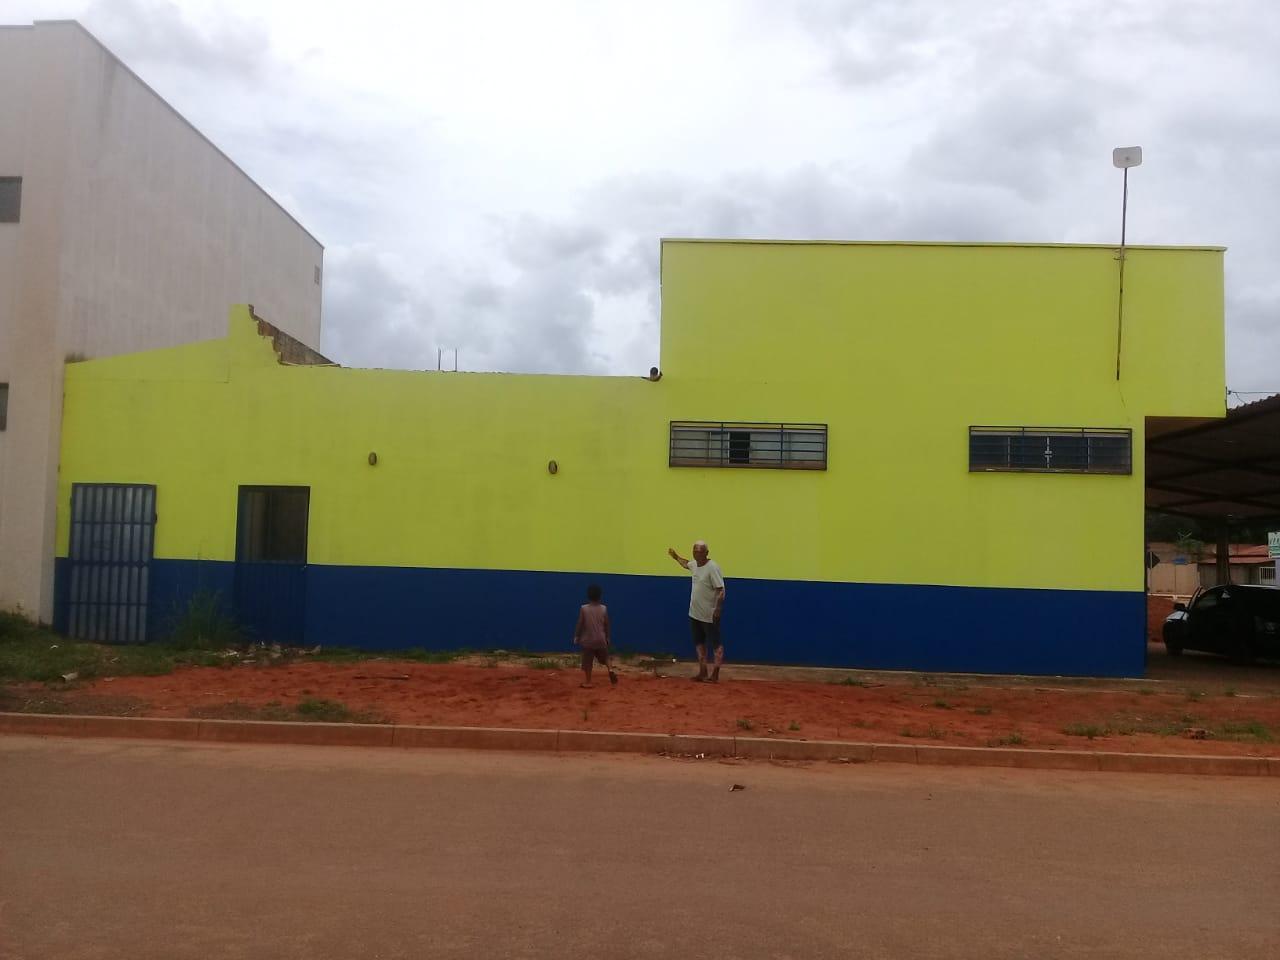 ALUGA-SE EM BOM ESTADO GALPÃO EM TAQUARI - QD T 31